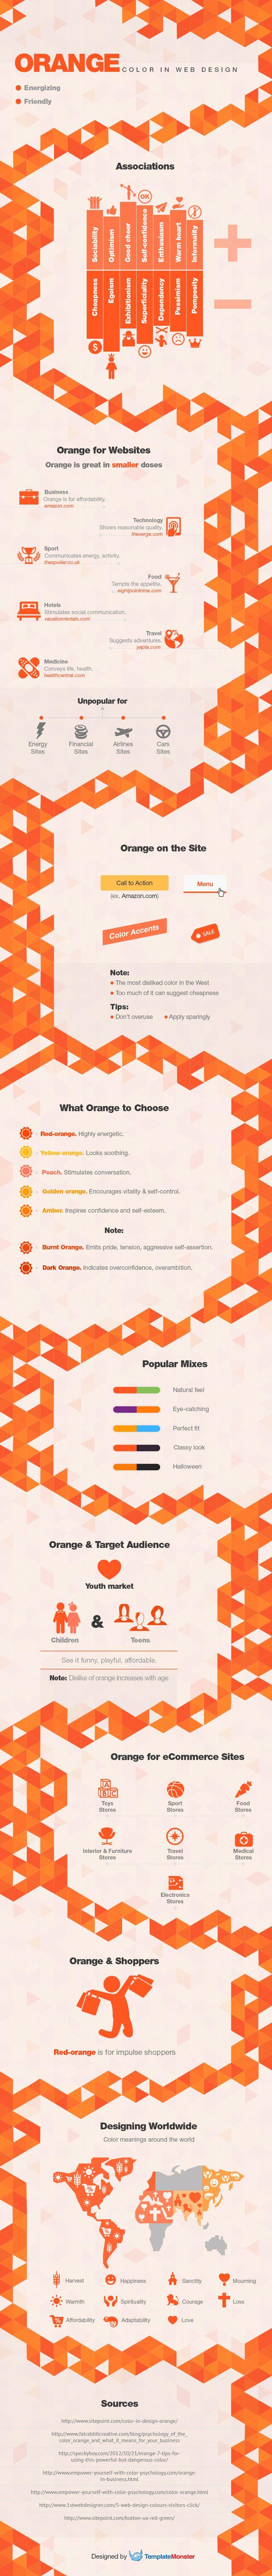 Best 25+ Orange web ideas on Pinterest | Food website, Hamburger ...